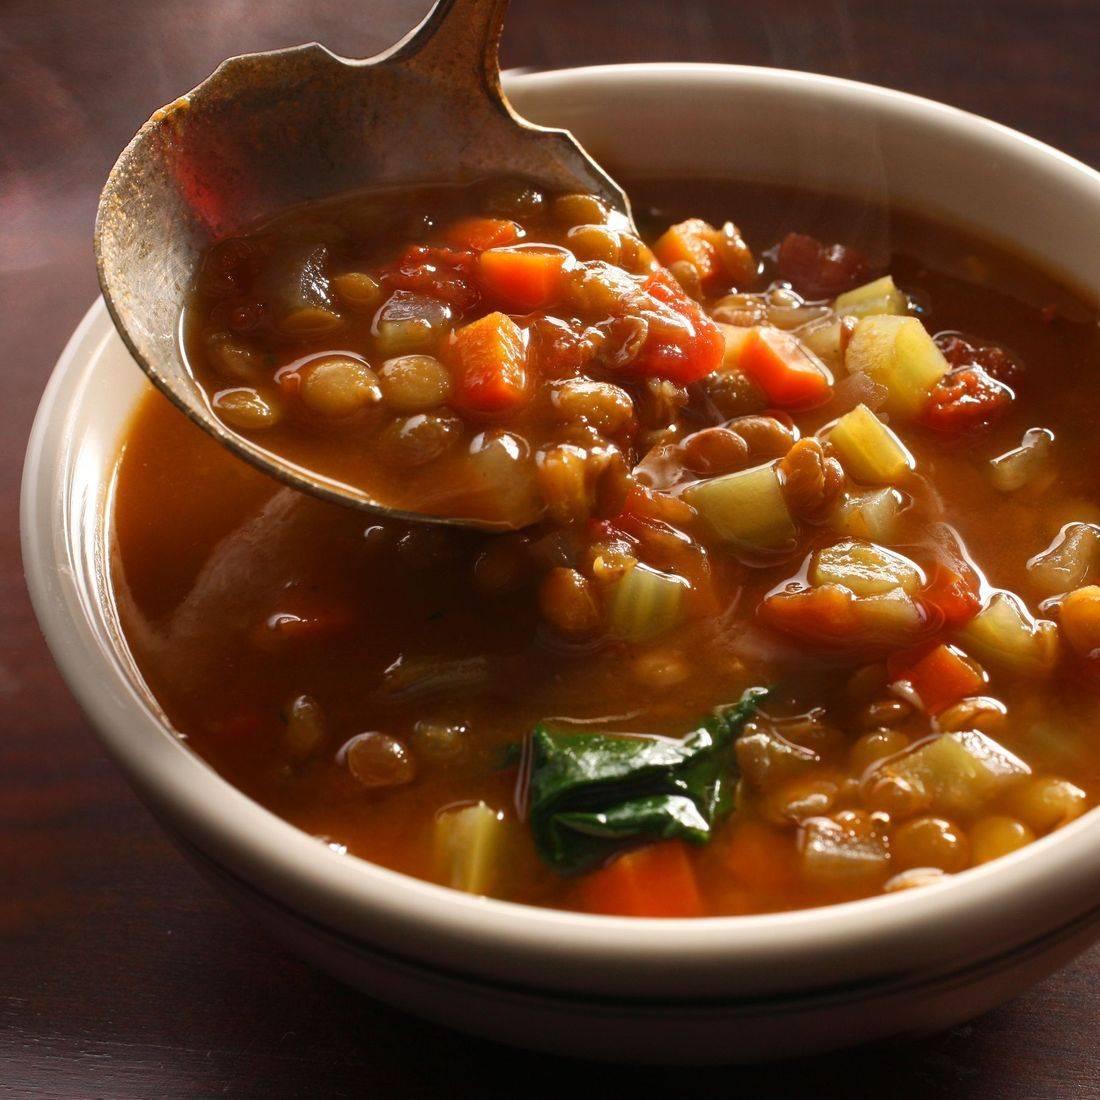 Простой и вкусный суп рецепт пошагово в